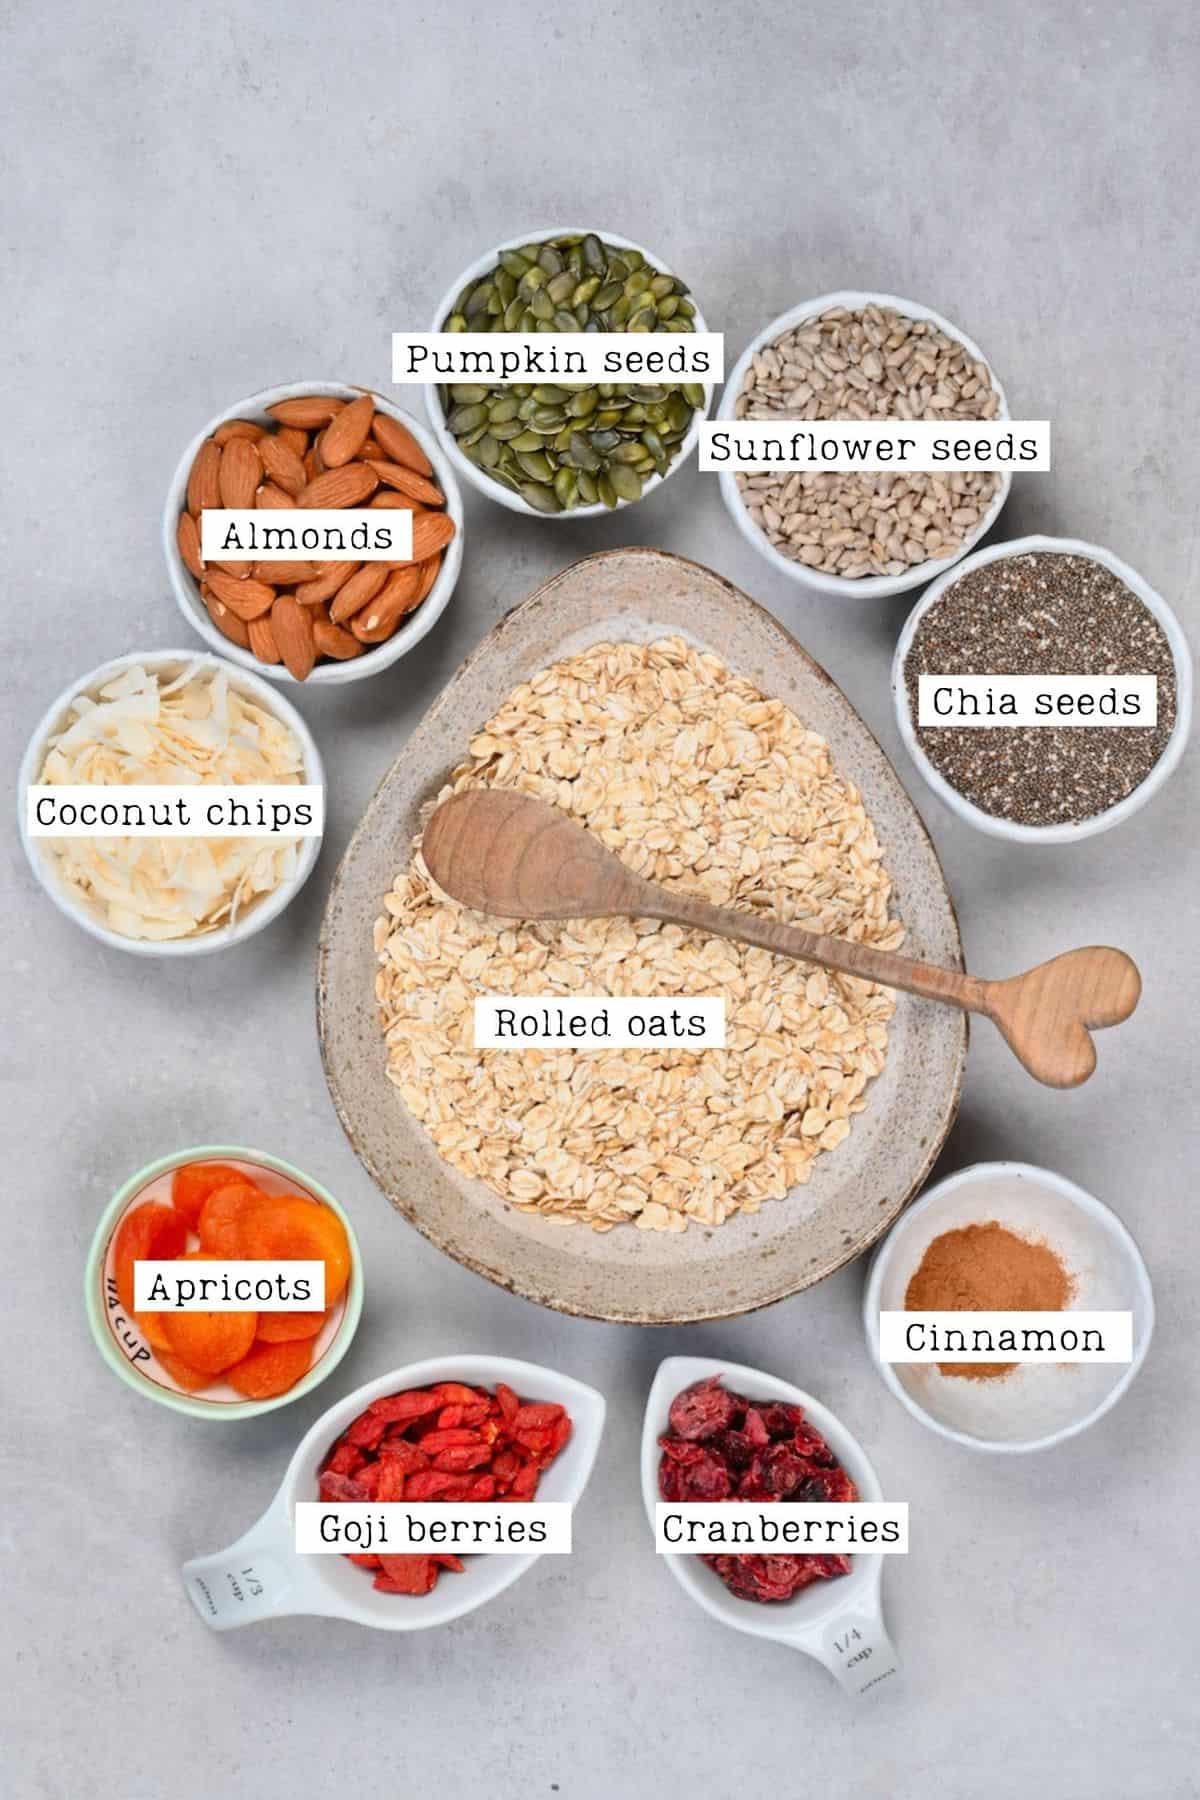 Muesli ingredients in separate bowls